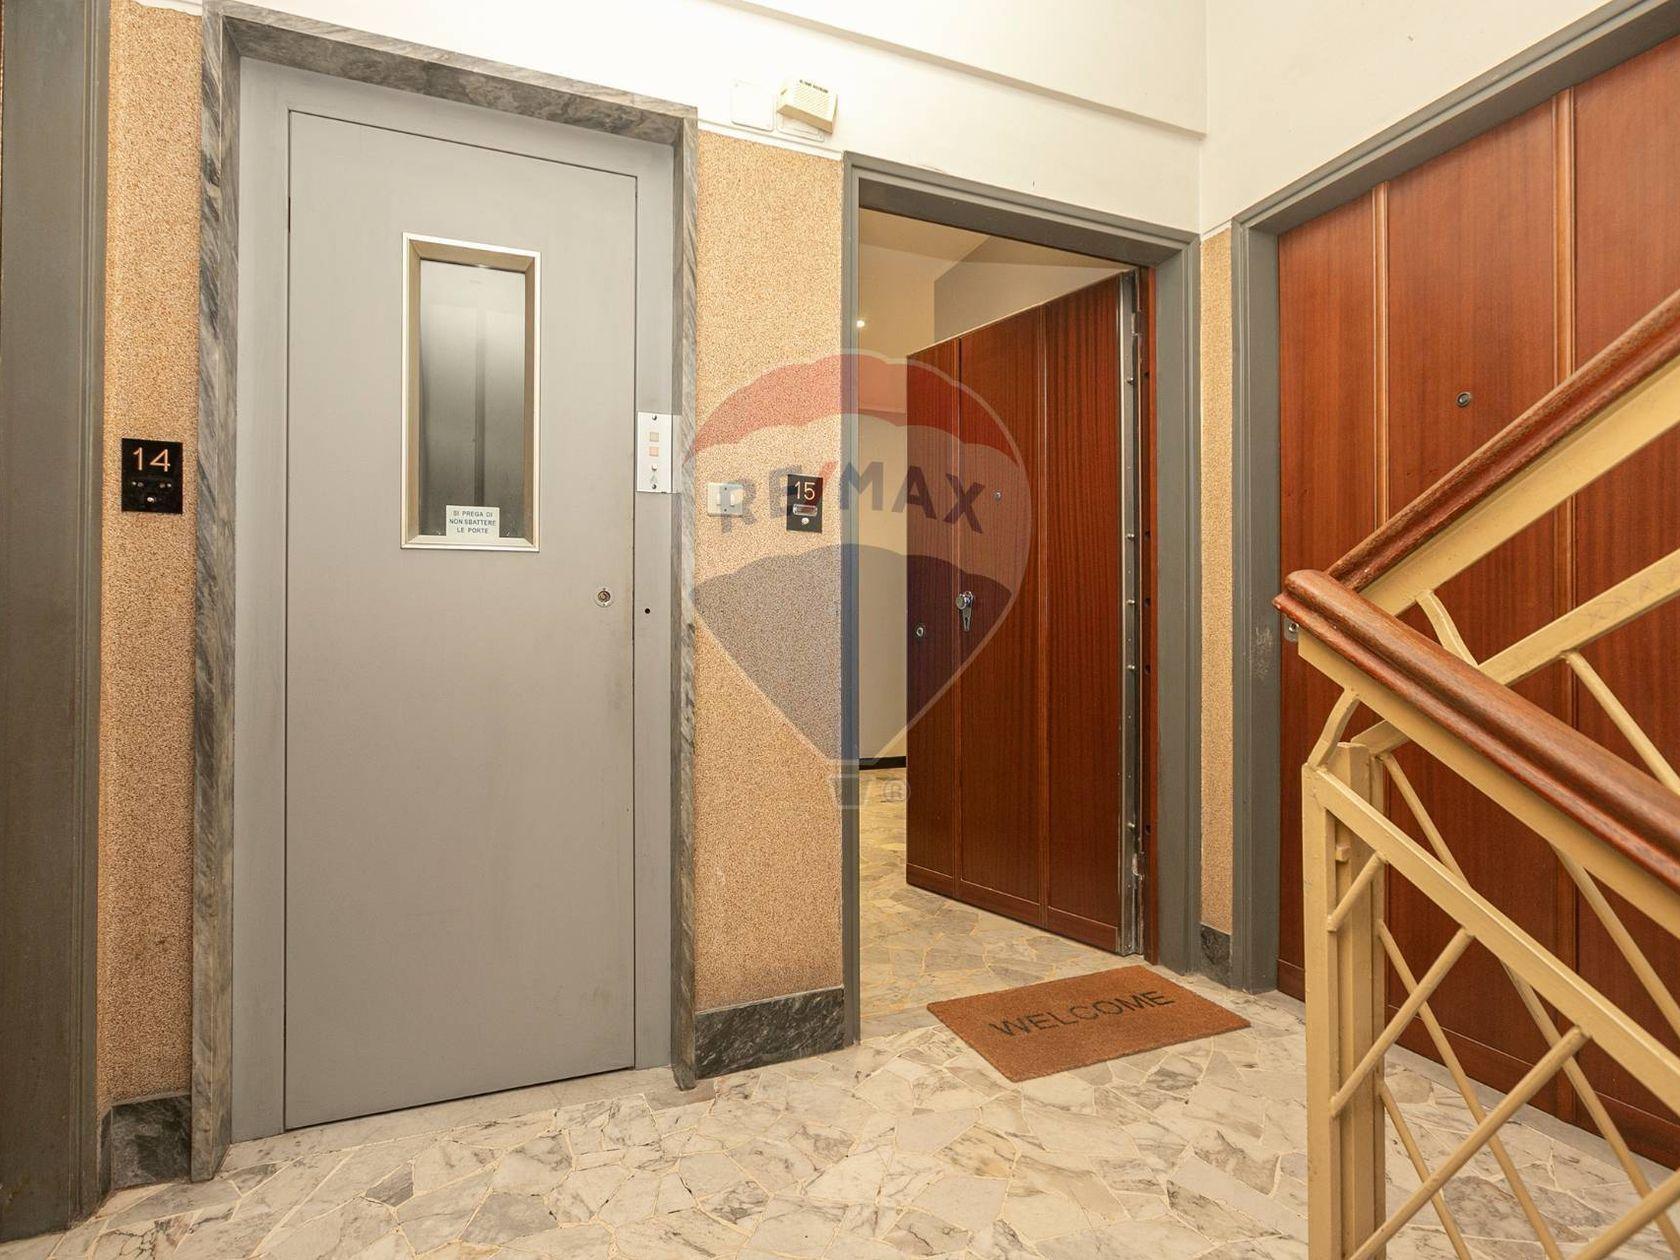 Vendita Porte A Genova appartamento in vendita genova 21611160-100 | re/max italia